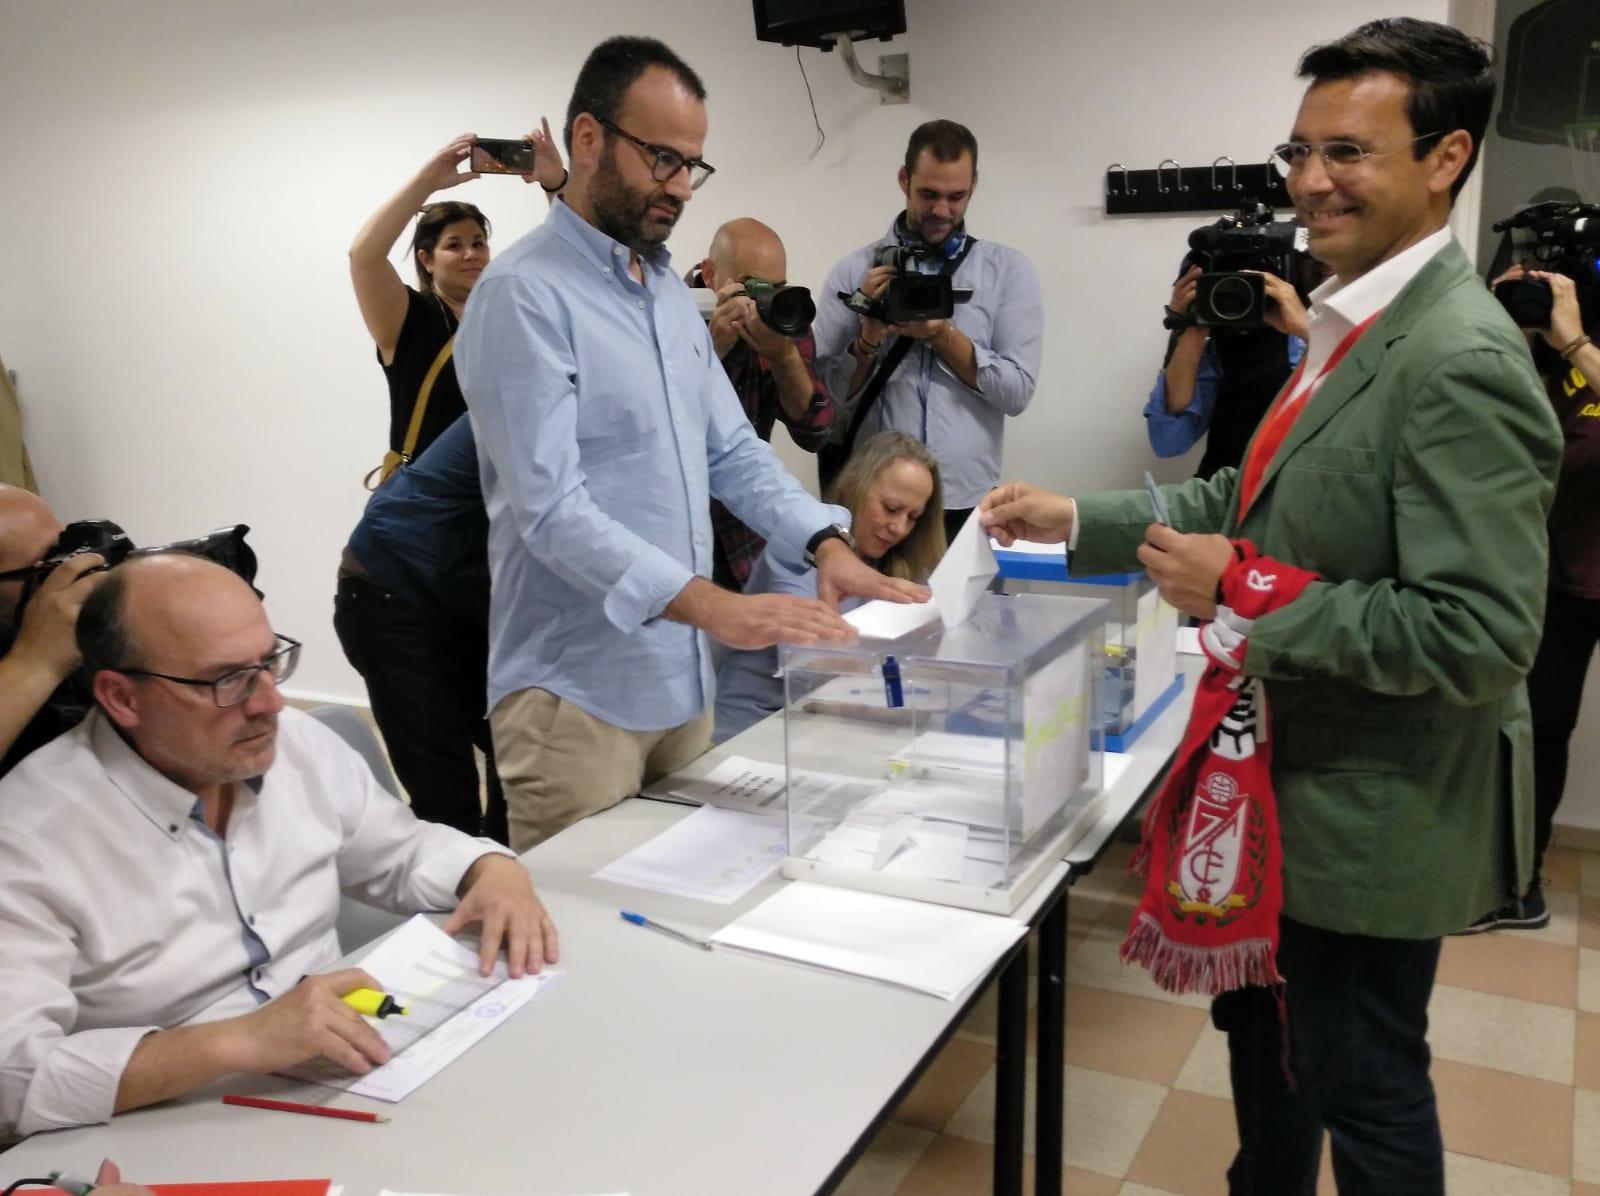 #26M: Paco Cuenca anima a votar en «un día muy importante, posiblemente de los más importantes de las últimas décadas, y las próximas»